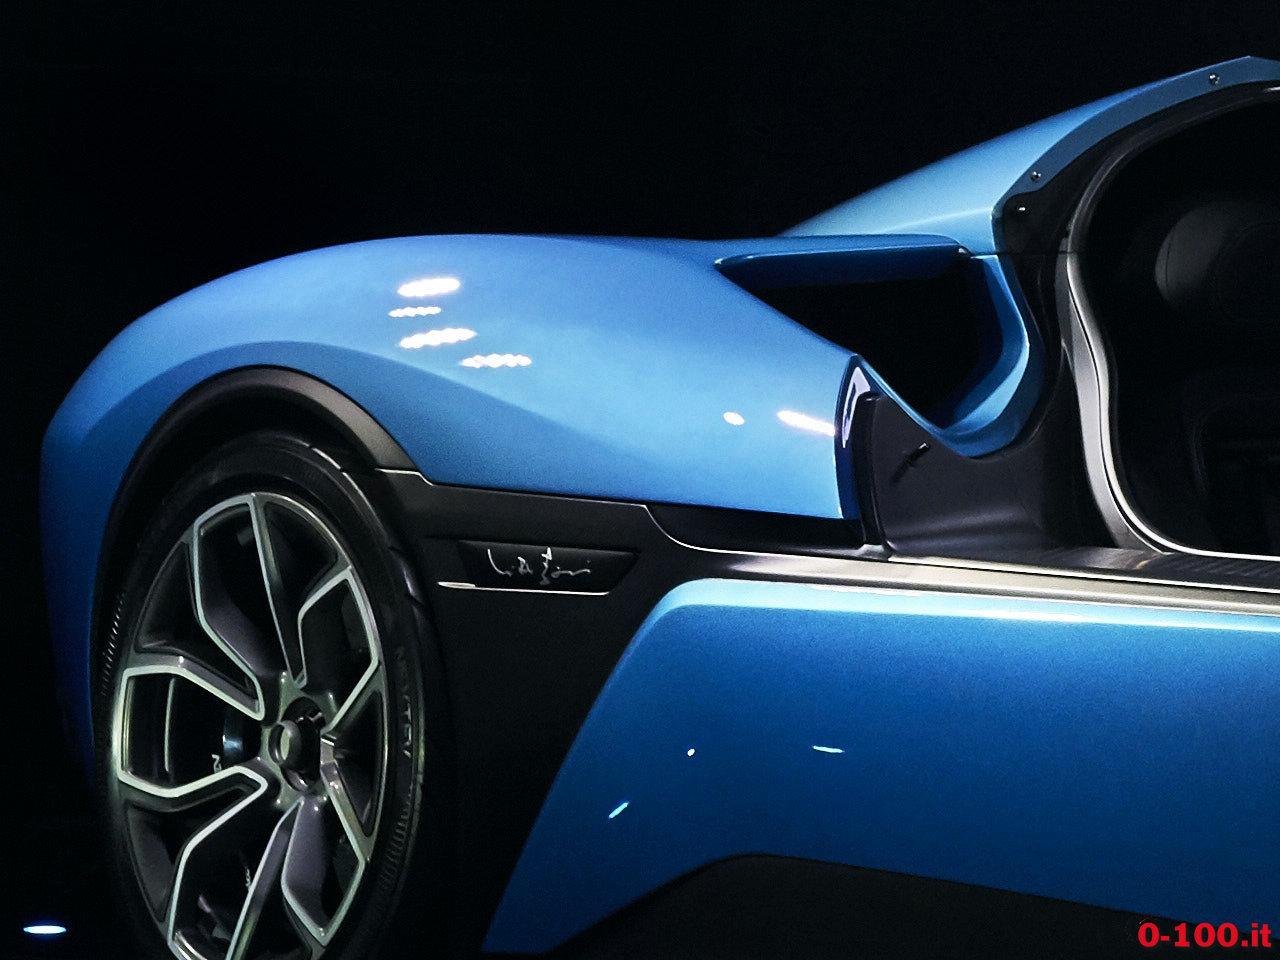 nextev_nio-ep9-china-electric-hypercar-lap-nurburgring_0-100_34